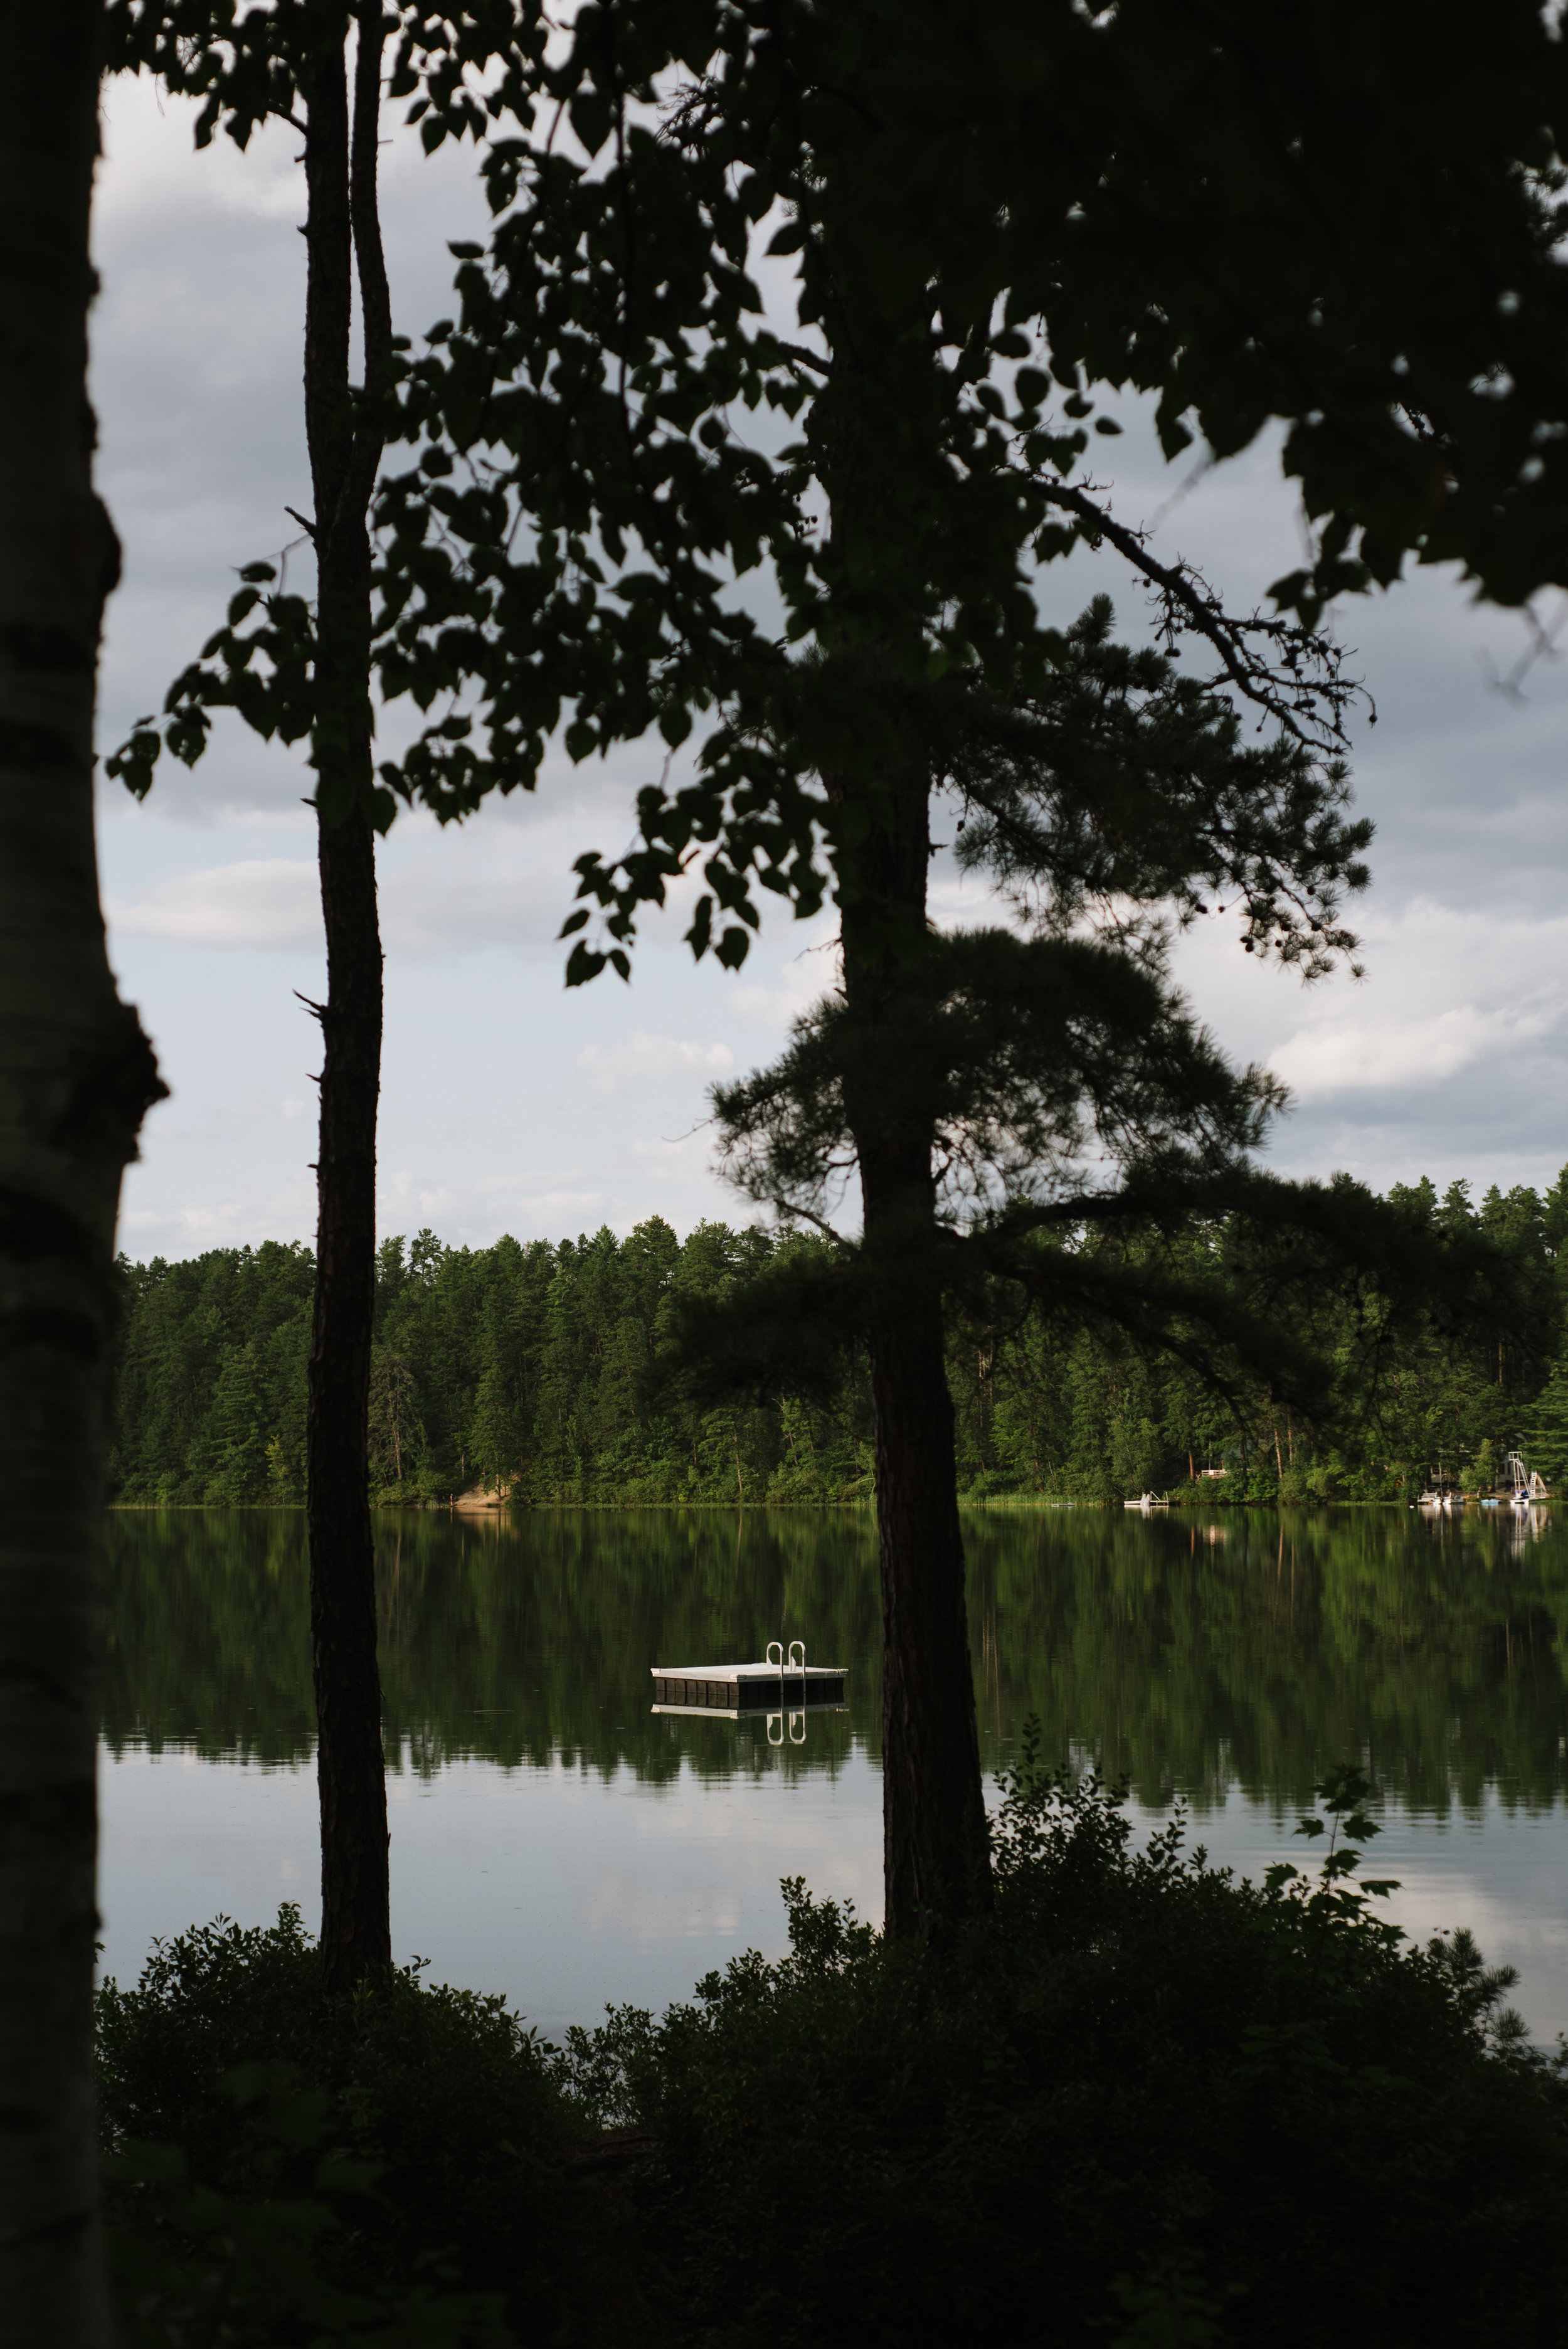 Camp-08.27.17-2.jpg